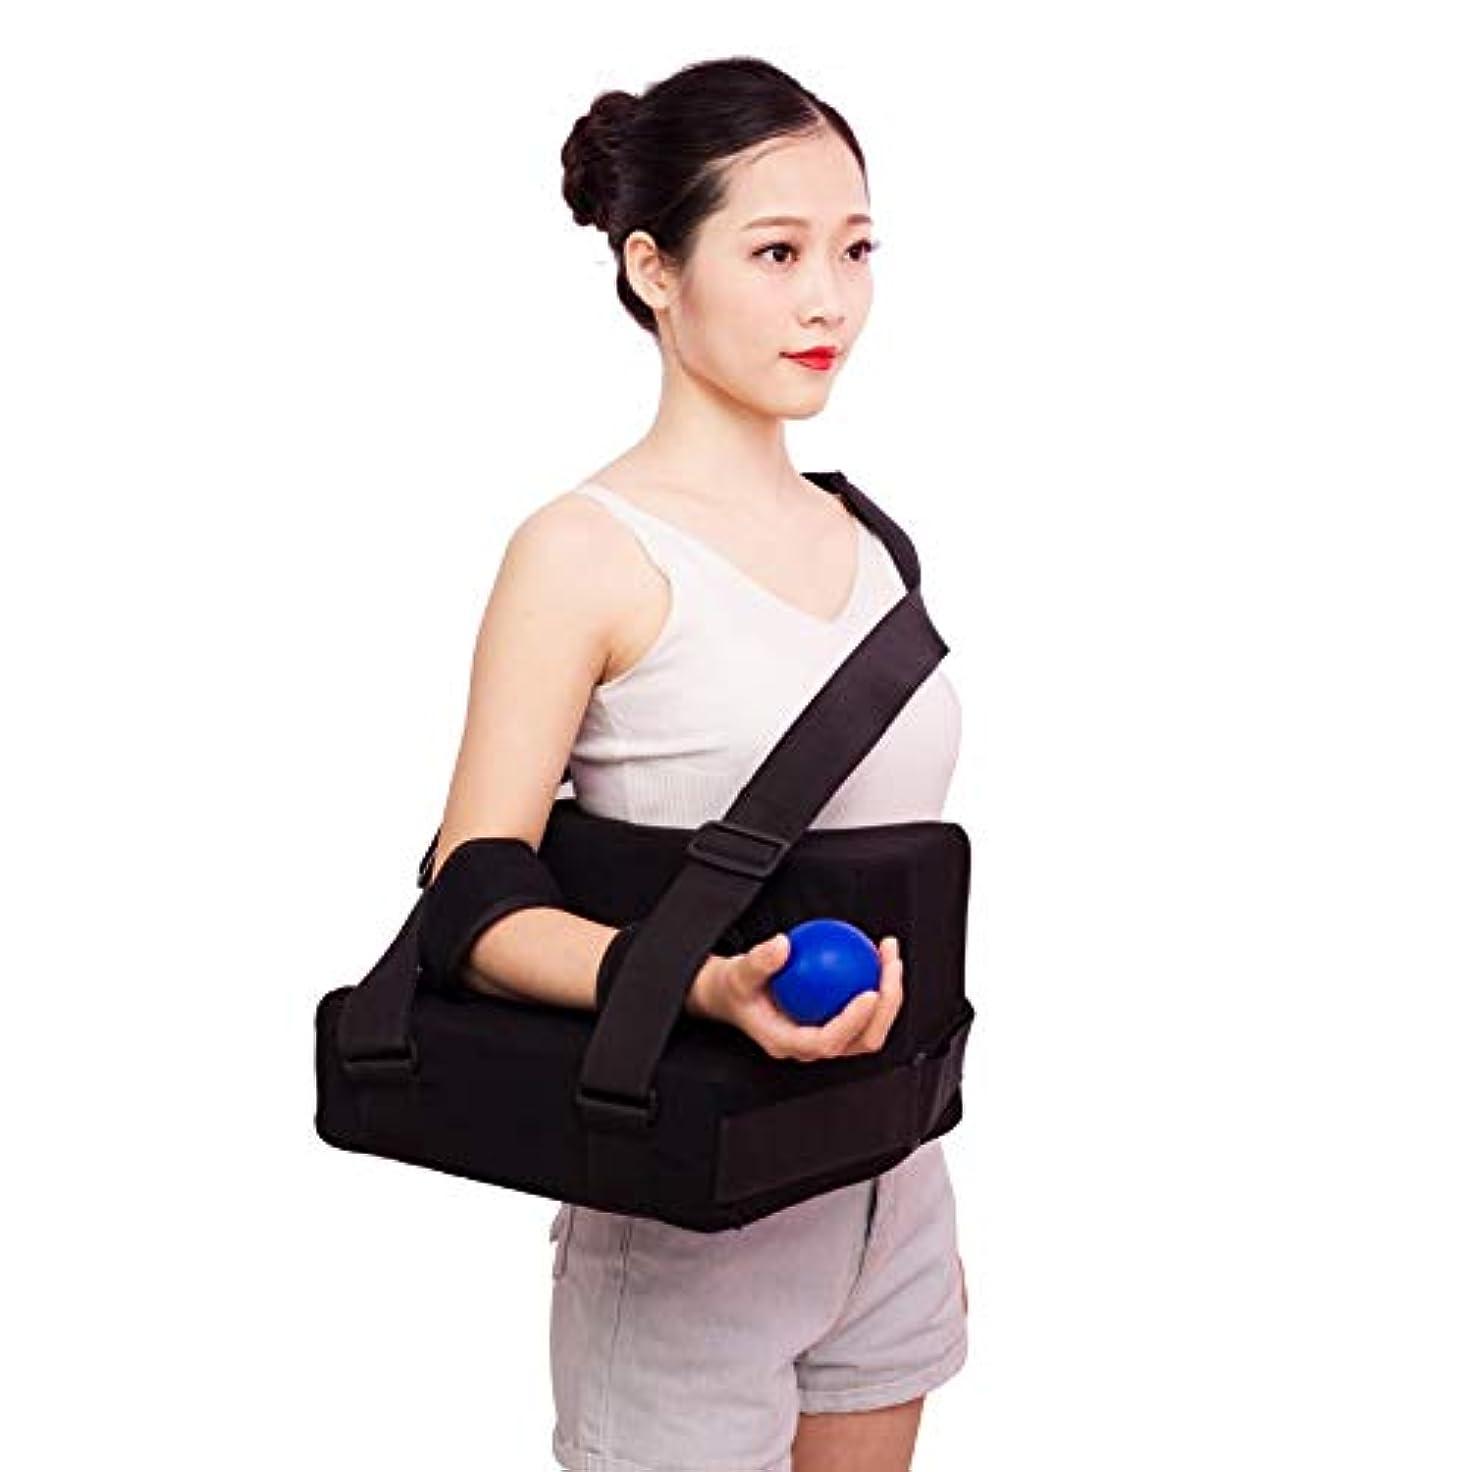 スペア介入する地平線枕付き肩外転スリング、肩アームイモビライザーには、ポケットストラップ、回旋腱板用のストレスボール、手術および骨折した腕が含まれます,R